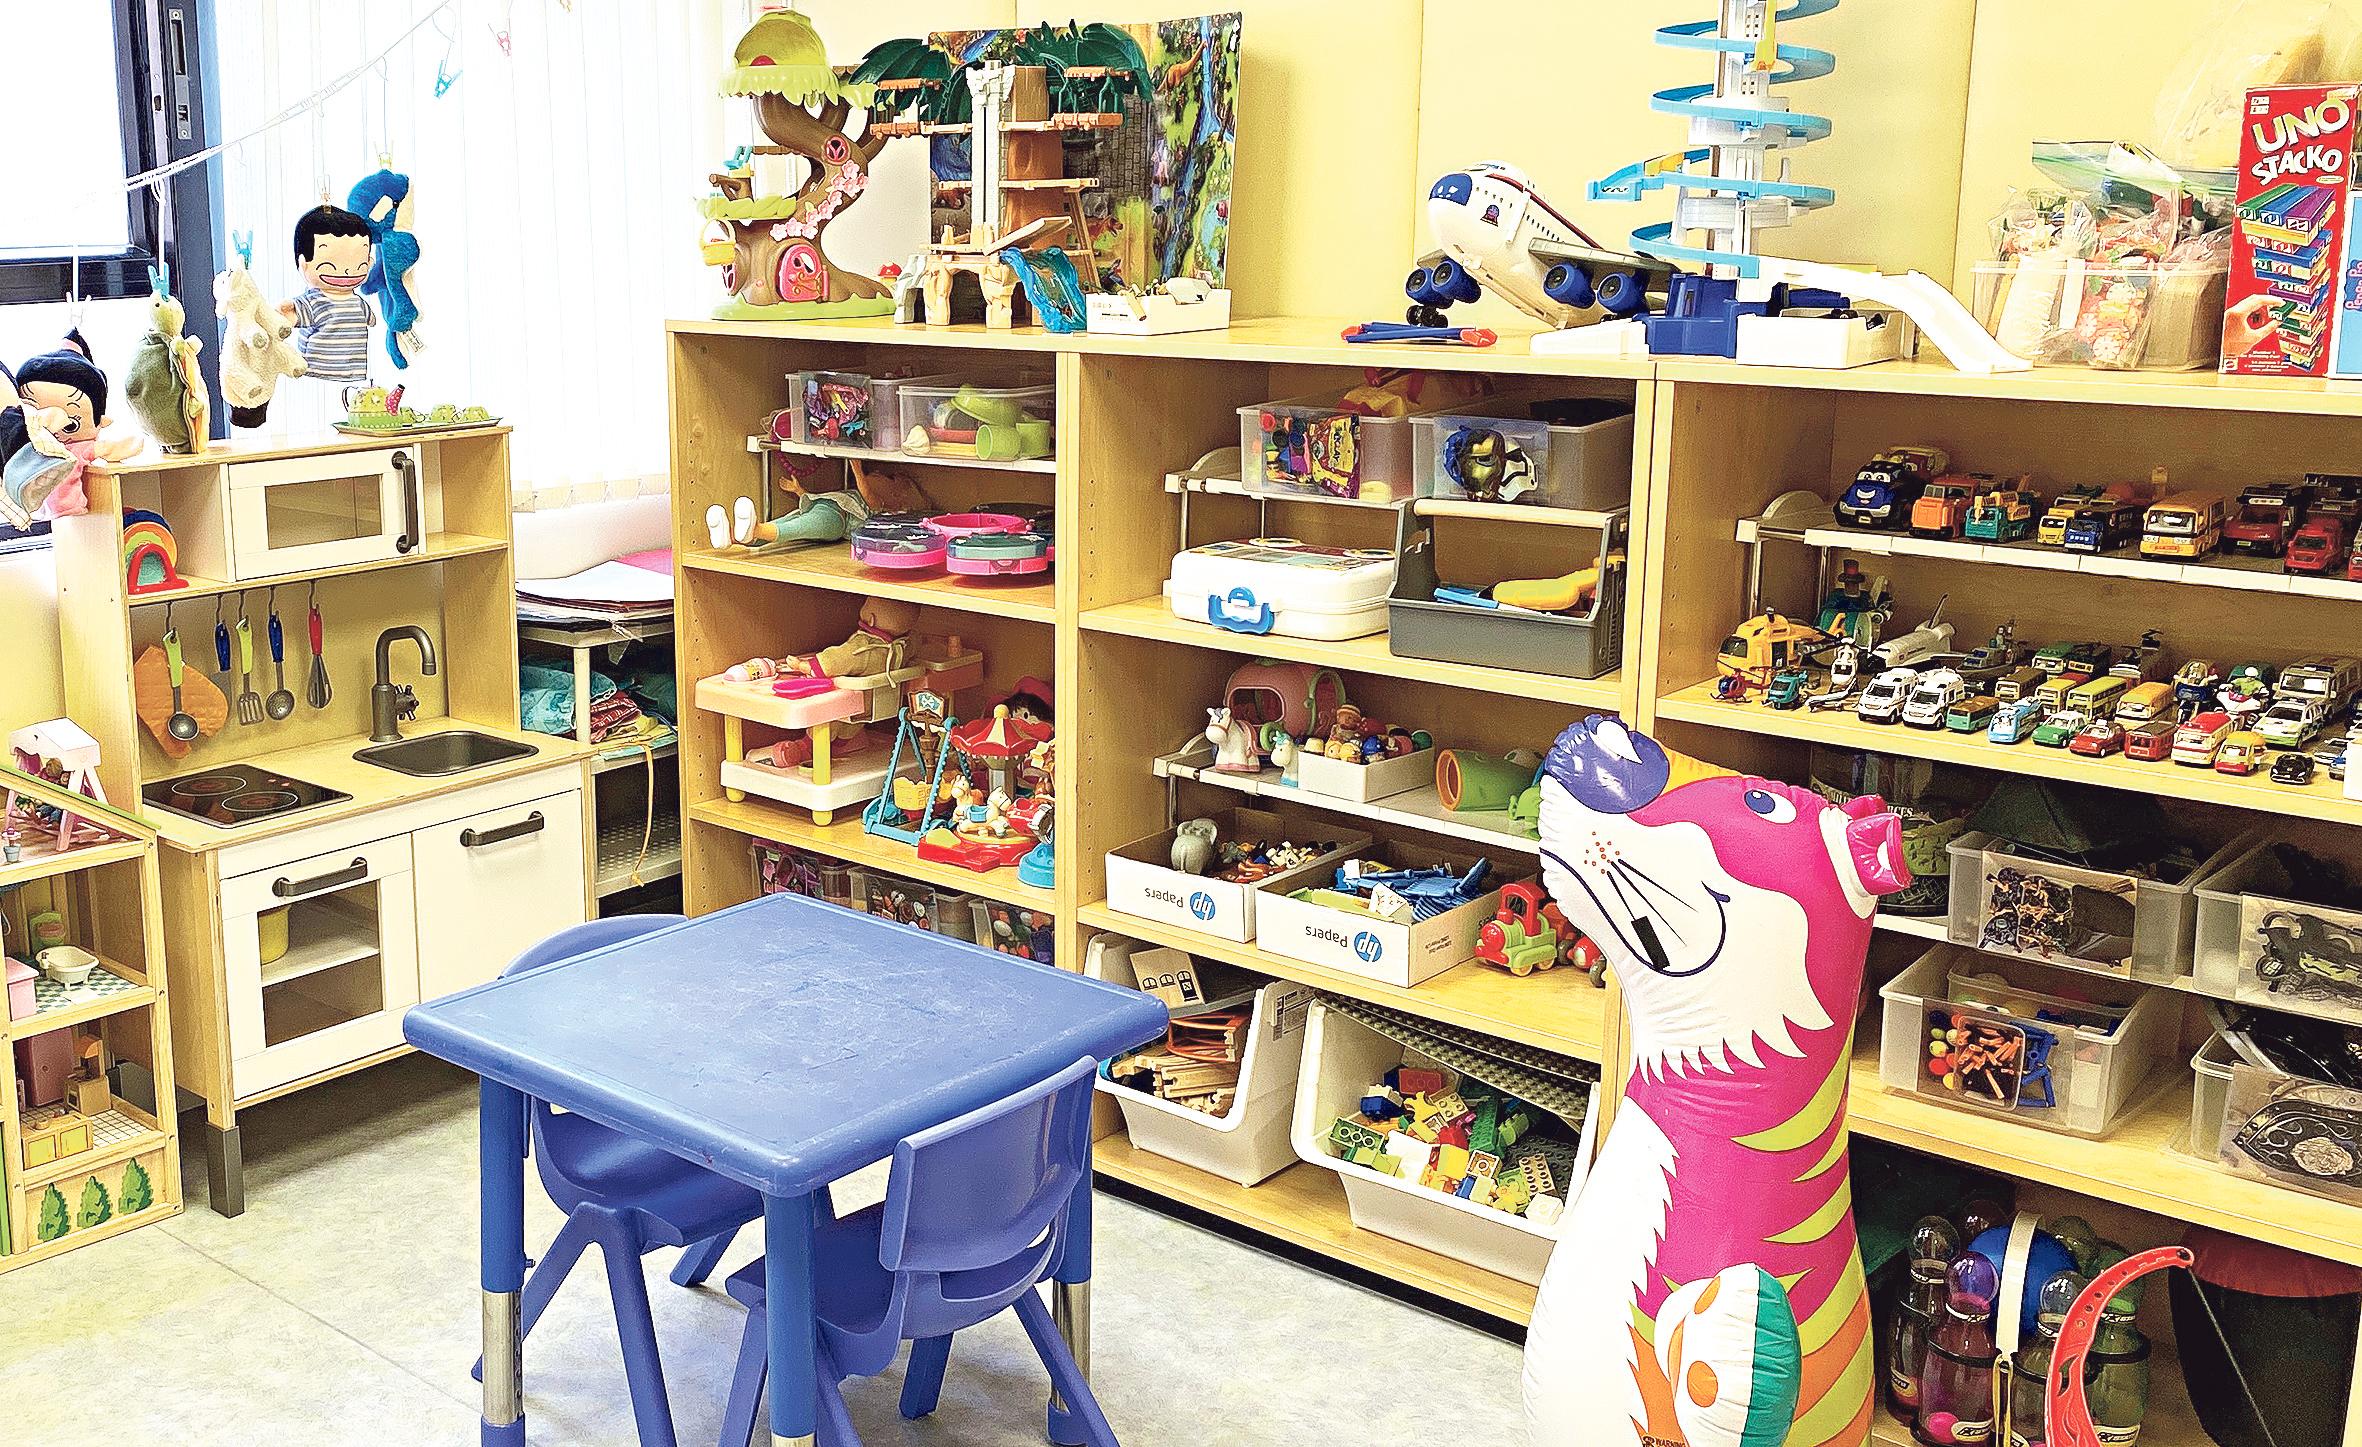 遊戲治療室設有不同的玩具與遊戲材料,如促進兒童情感、創意表達和鼓勵探索性遊戲等玩具。